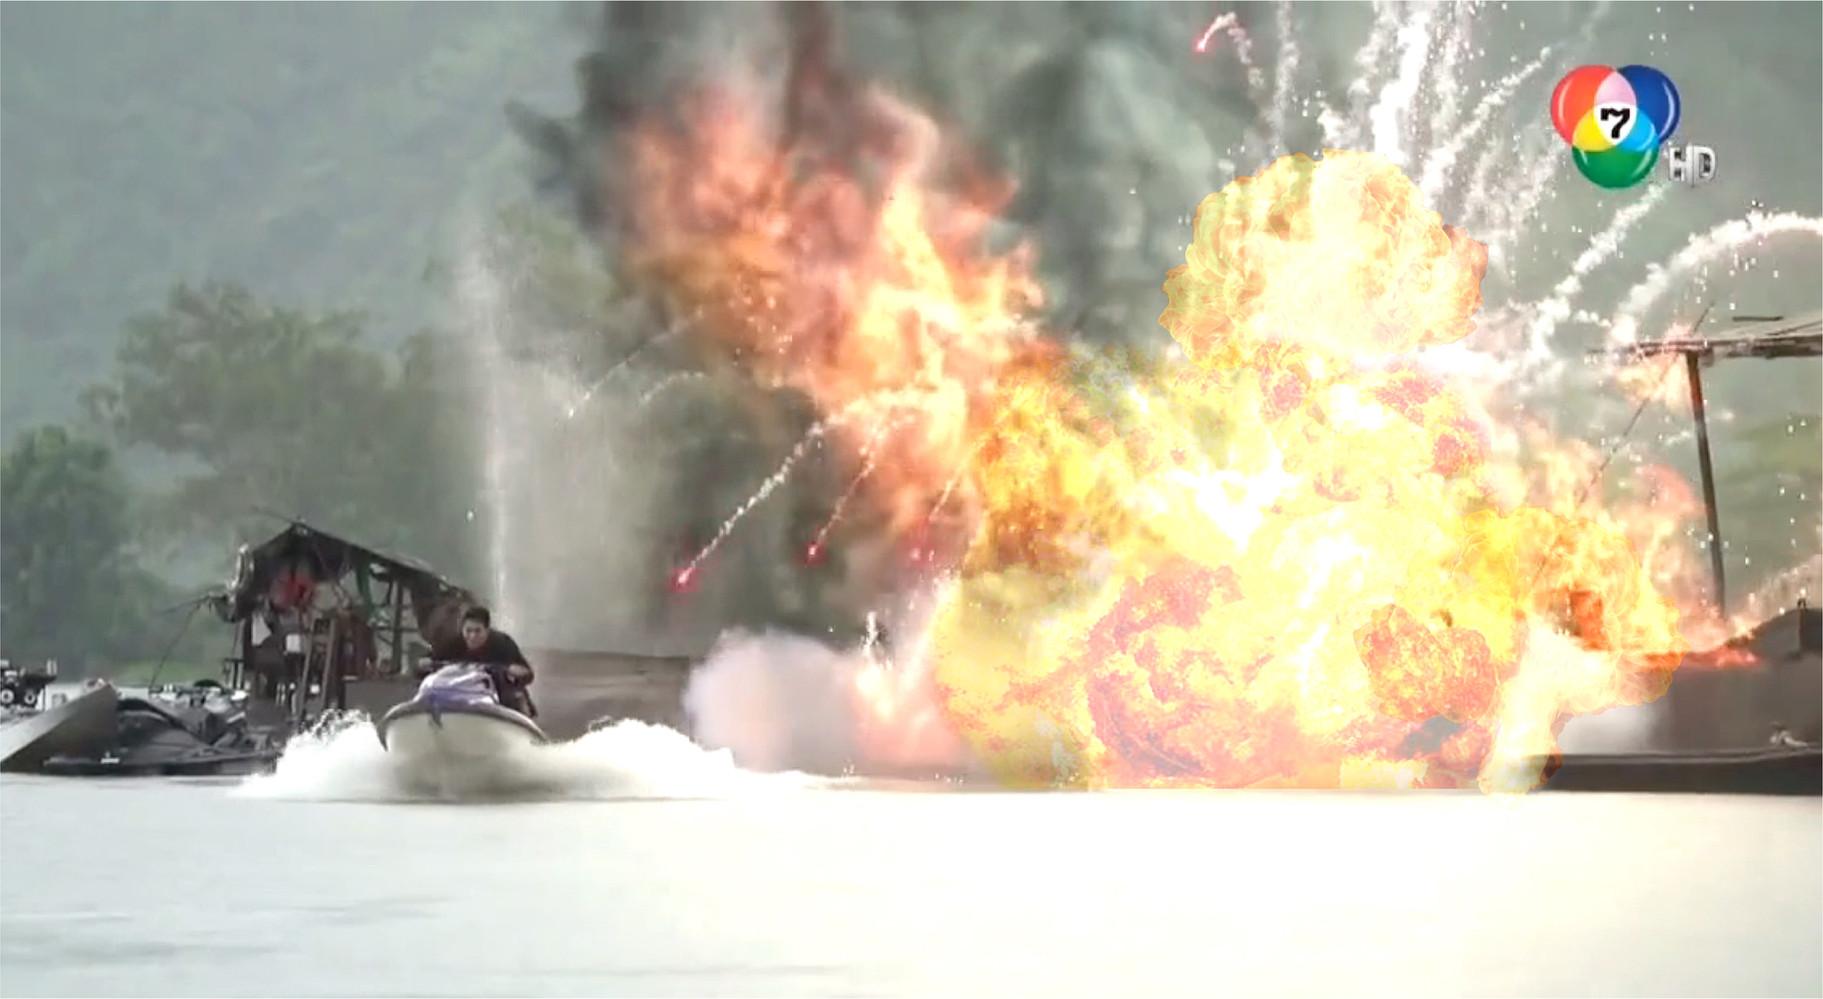 jetski fire4.jpg